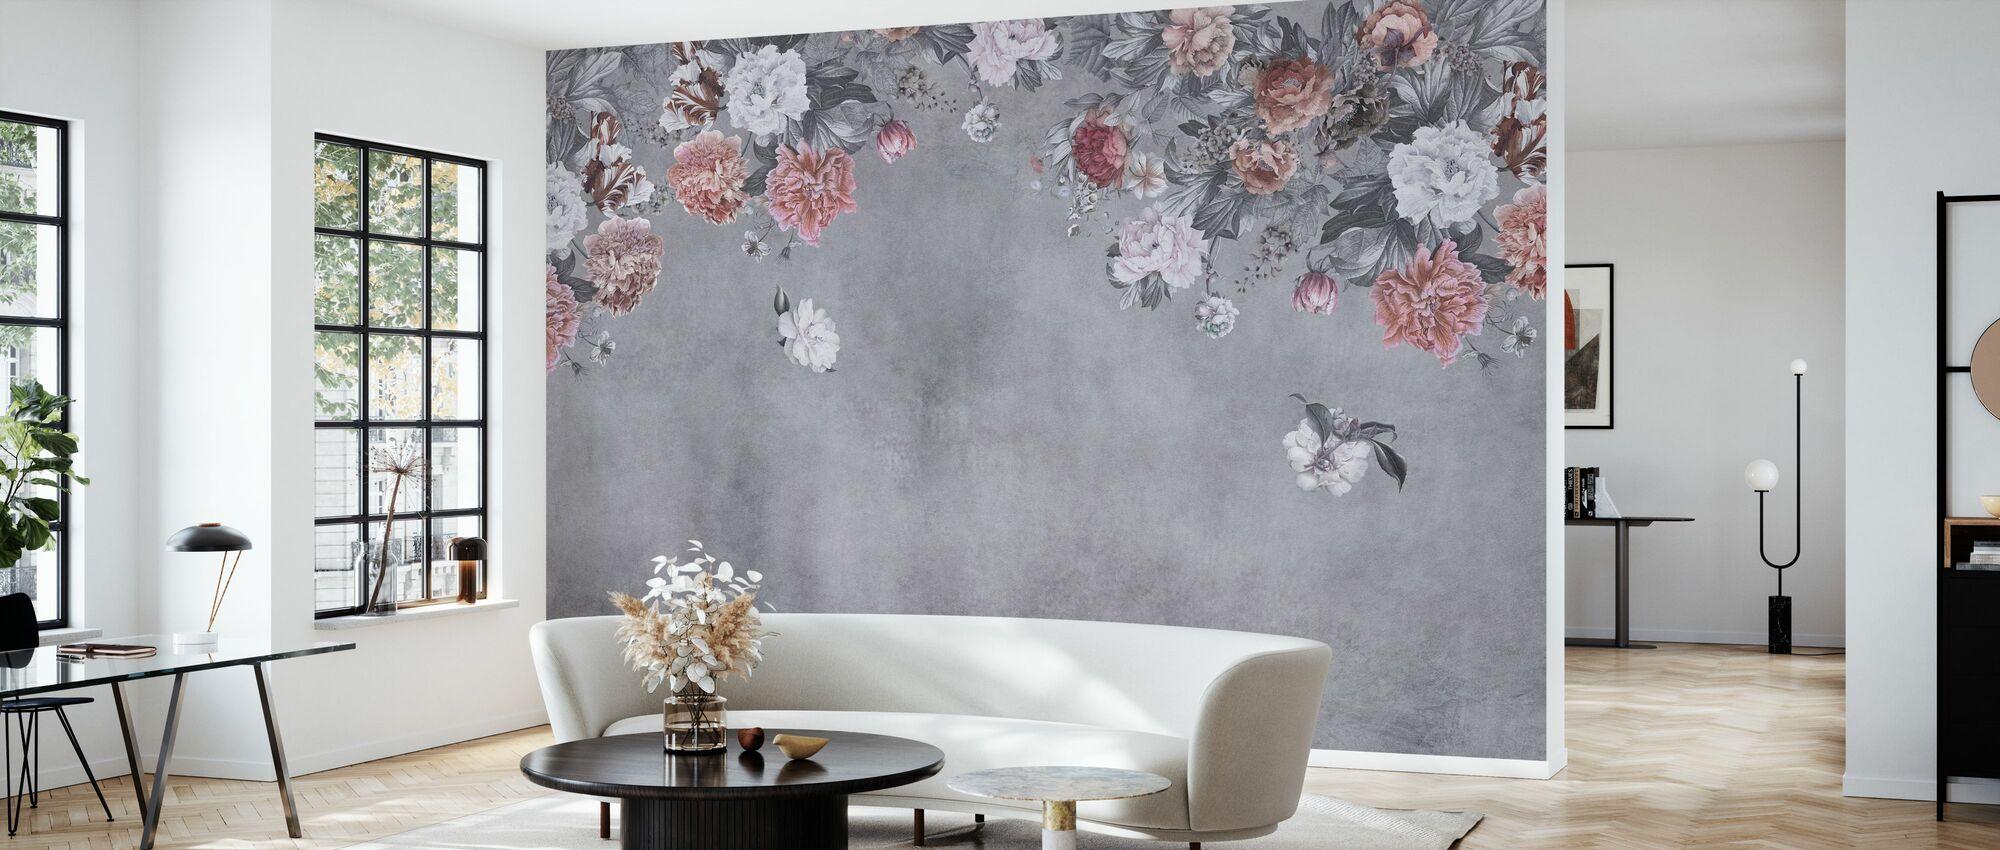 Vintage Bloemenmuur - Grijs - Behang - Woonkamer